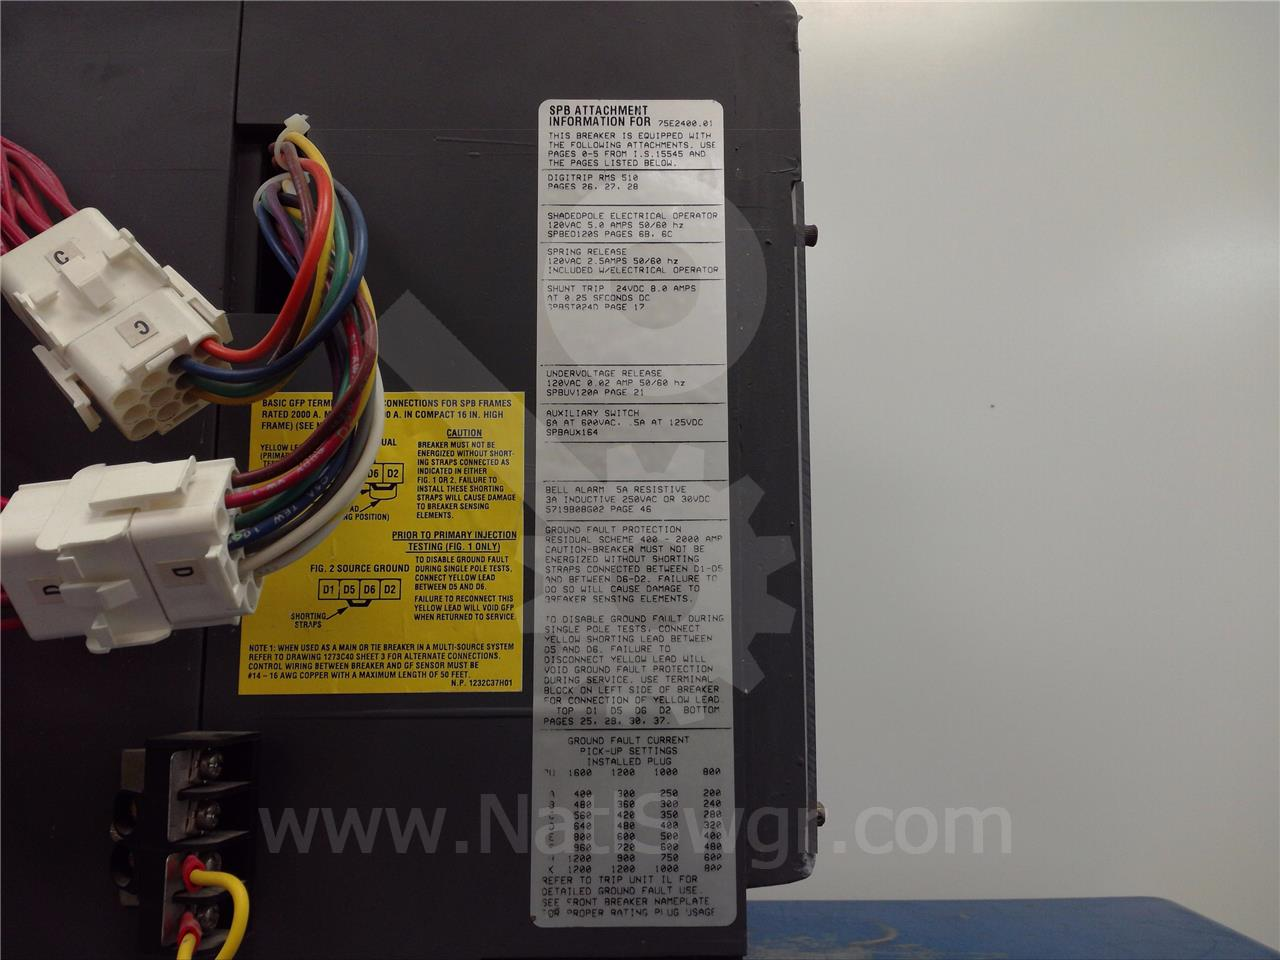 Westinghouse Cutler Hammer 1600a Wh Spb 100 Eo Bi Bab Shunt Trip Breaker Wiring Diagram Spb100